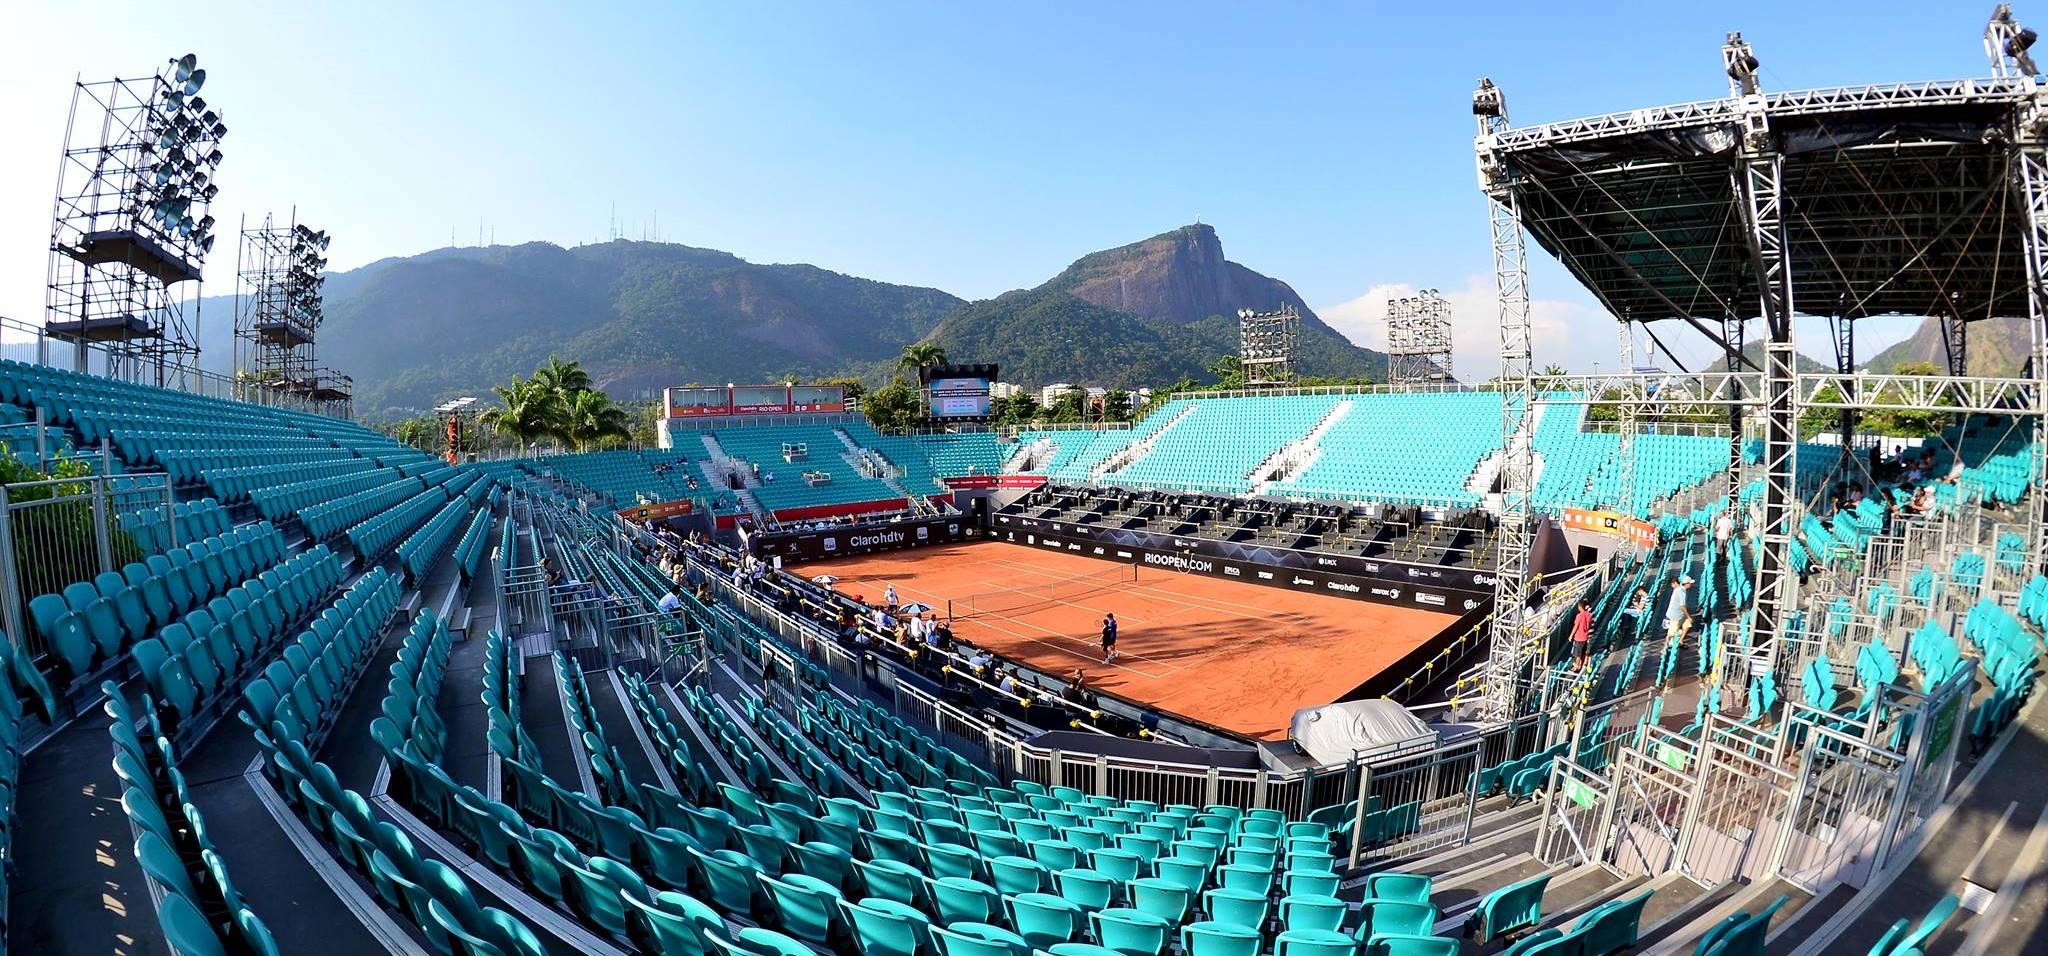 Rio open presented by claro tennis forecast for Miroir club rio de janeiro